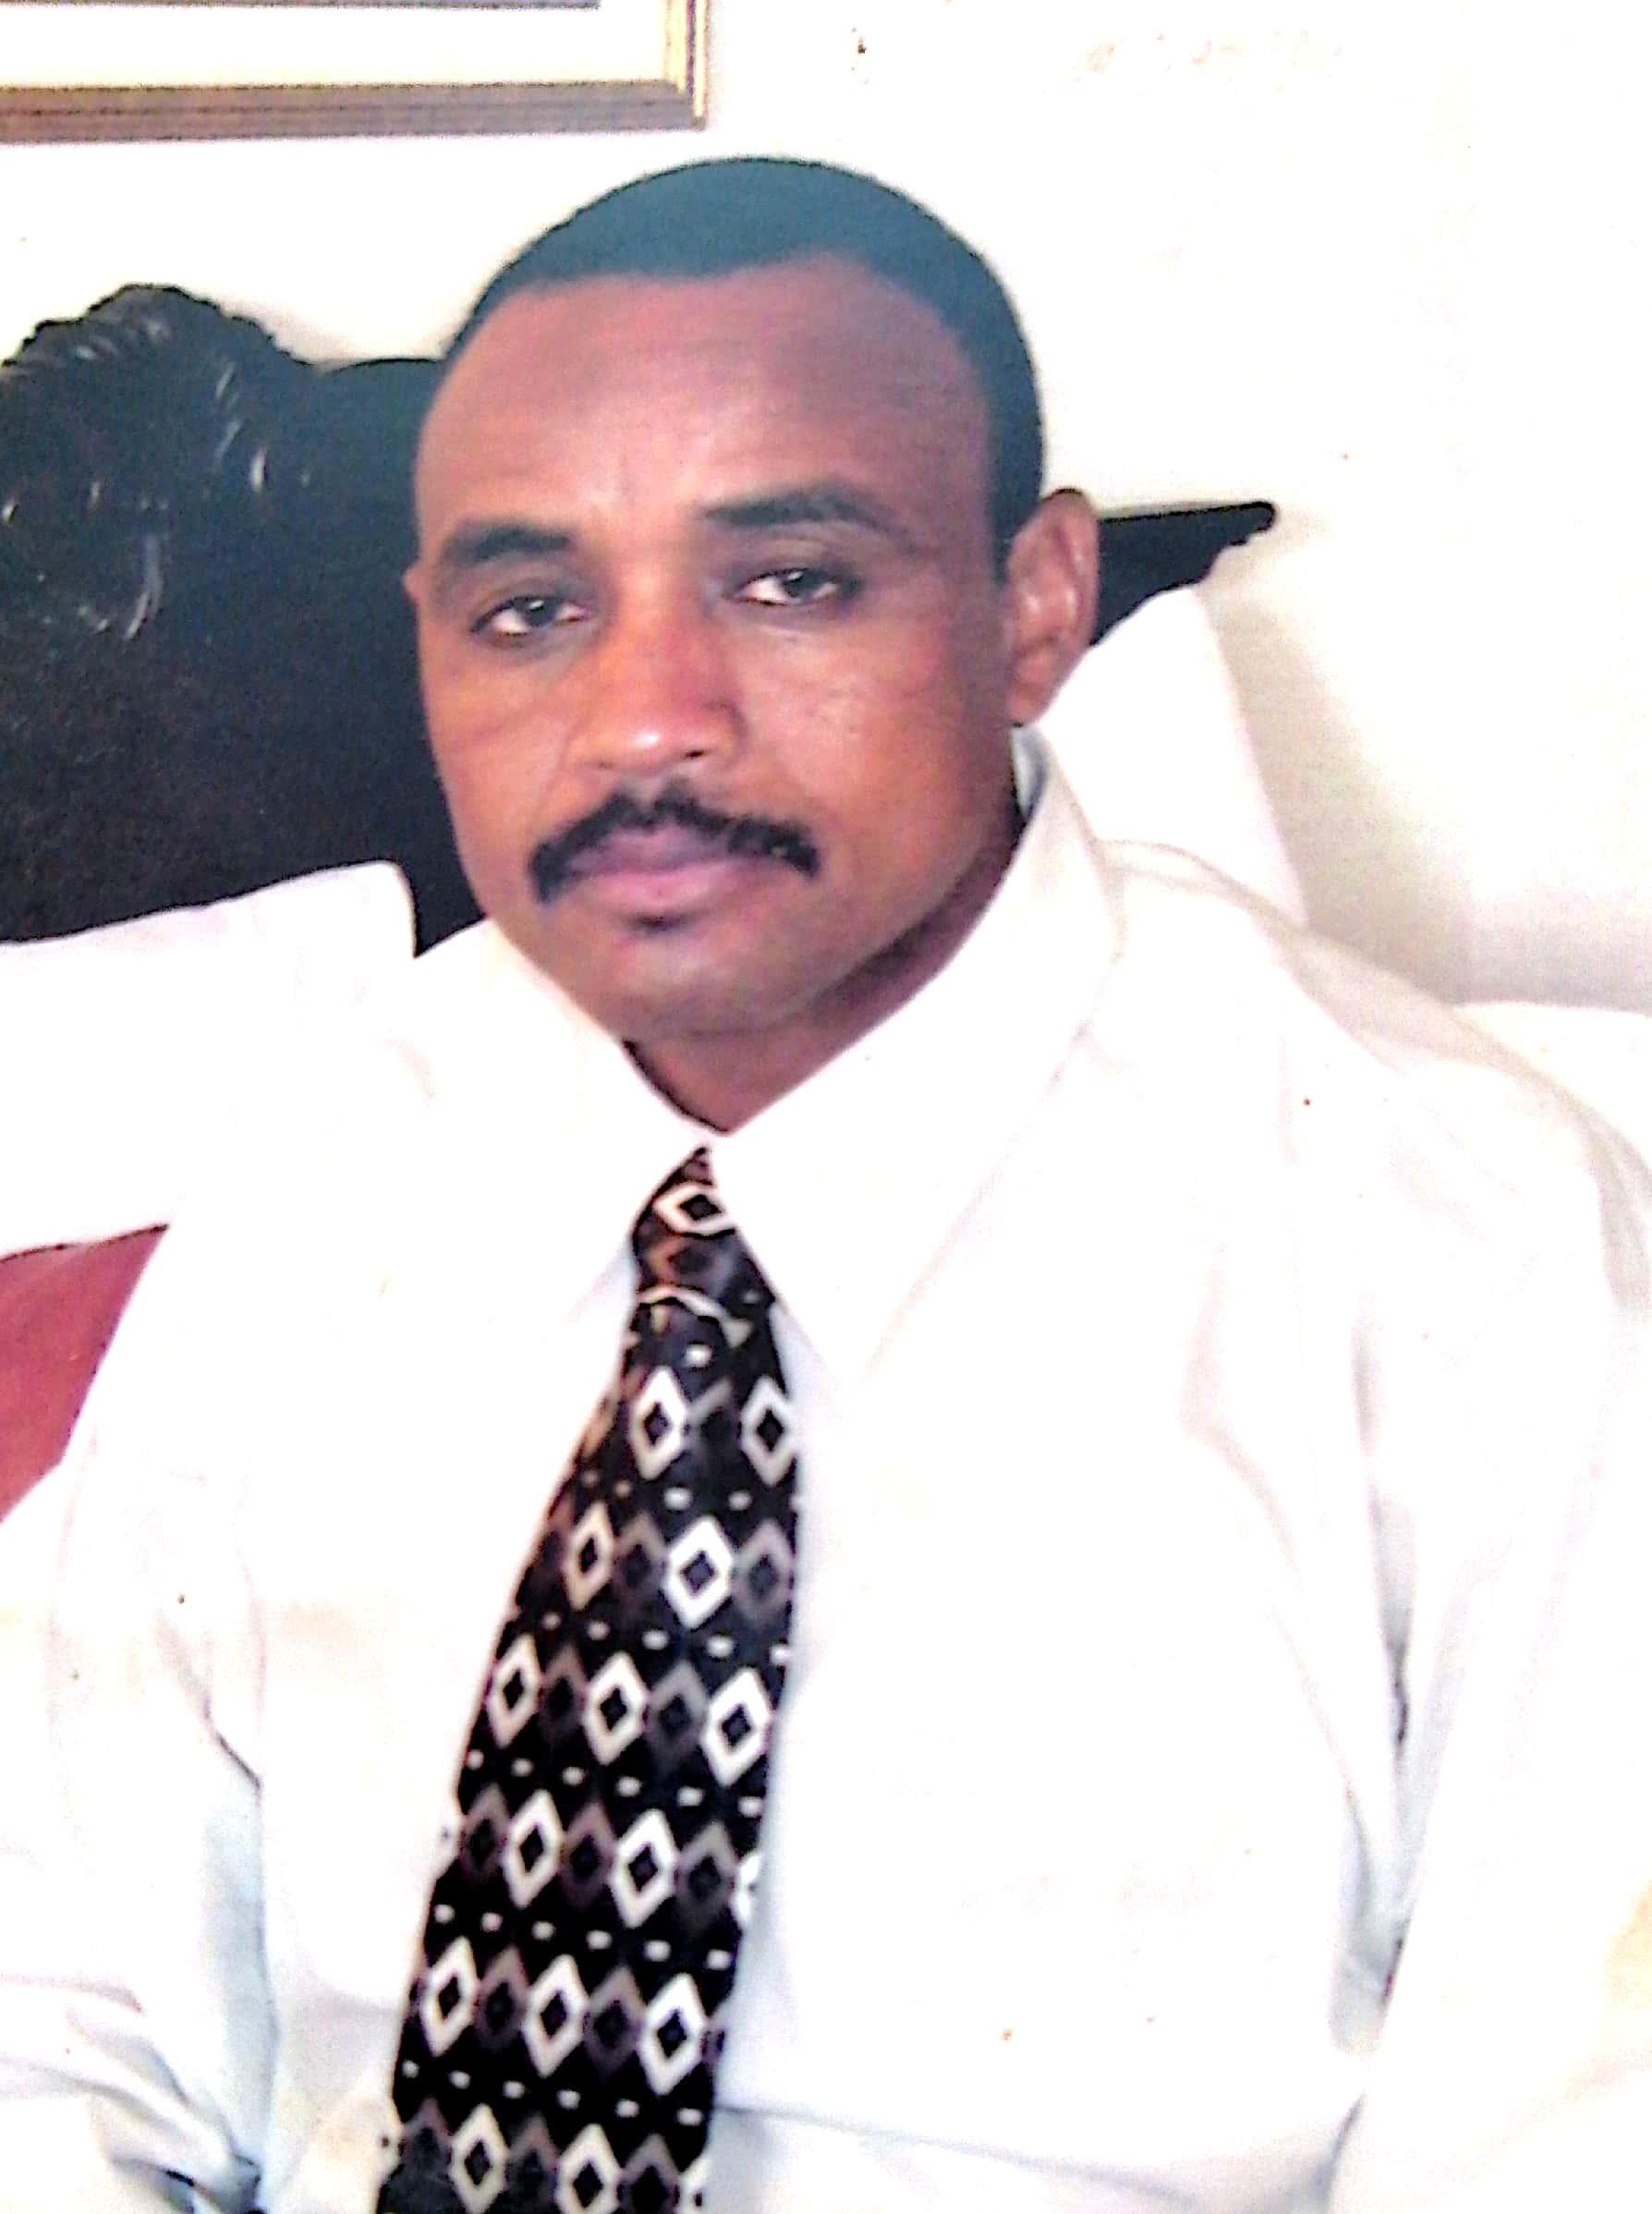 Elsaid Mohammed Adam Sheguf